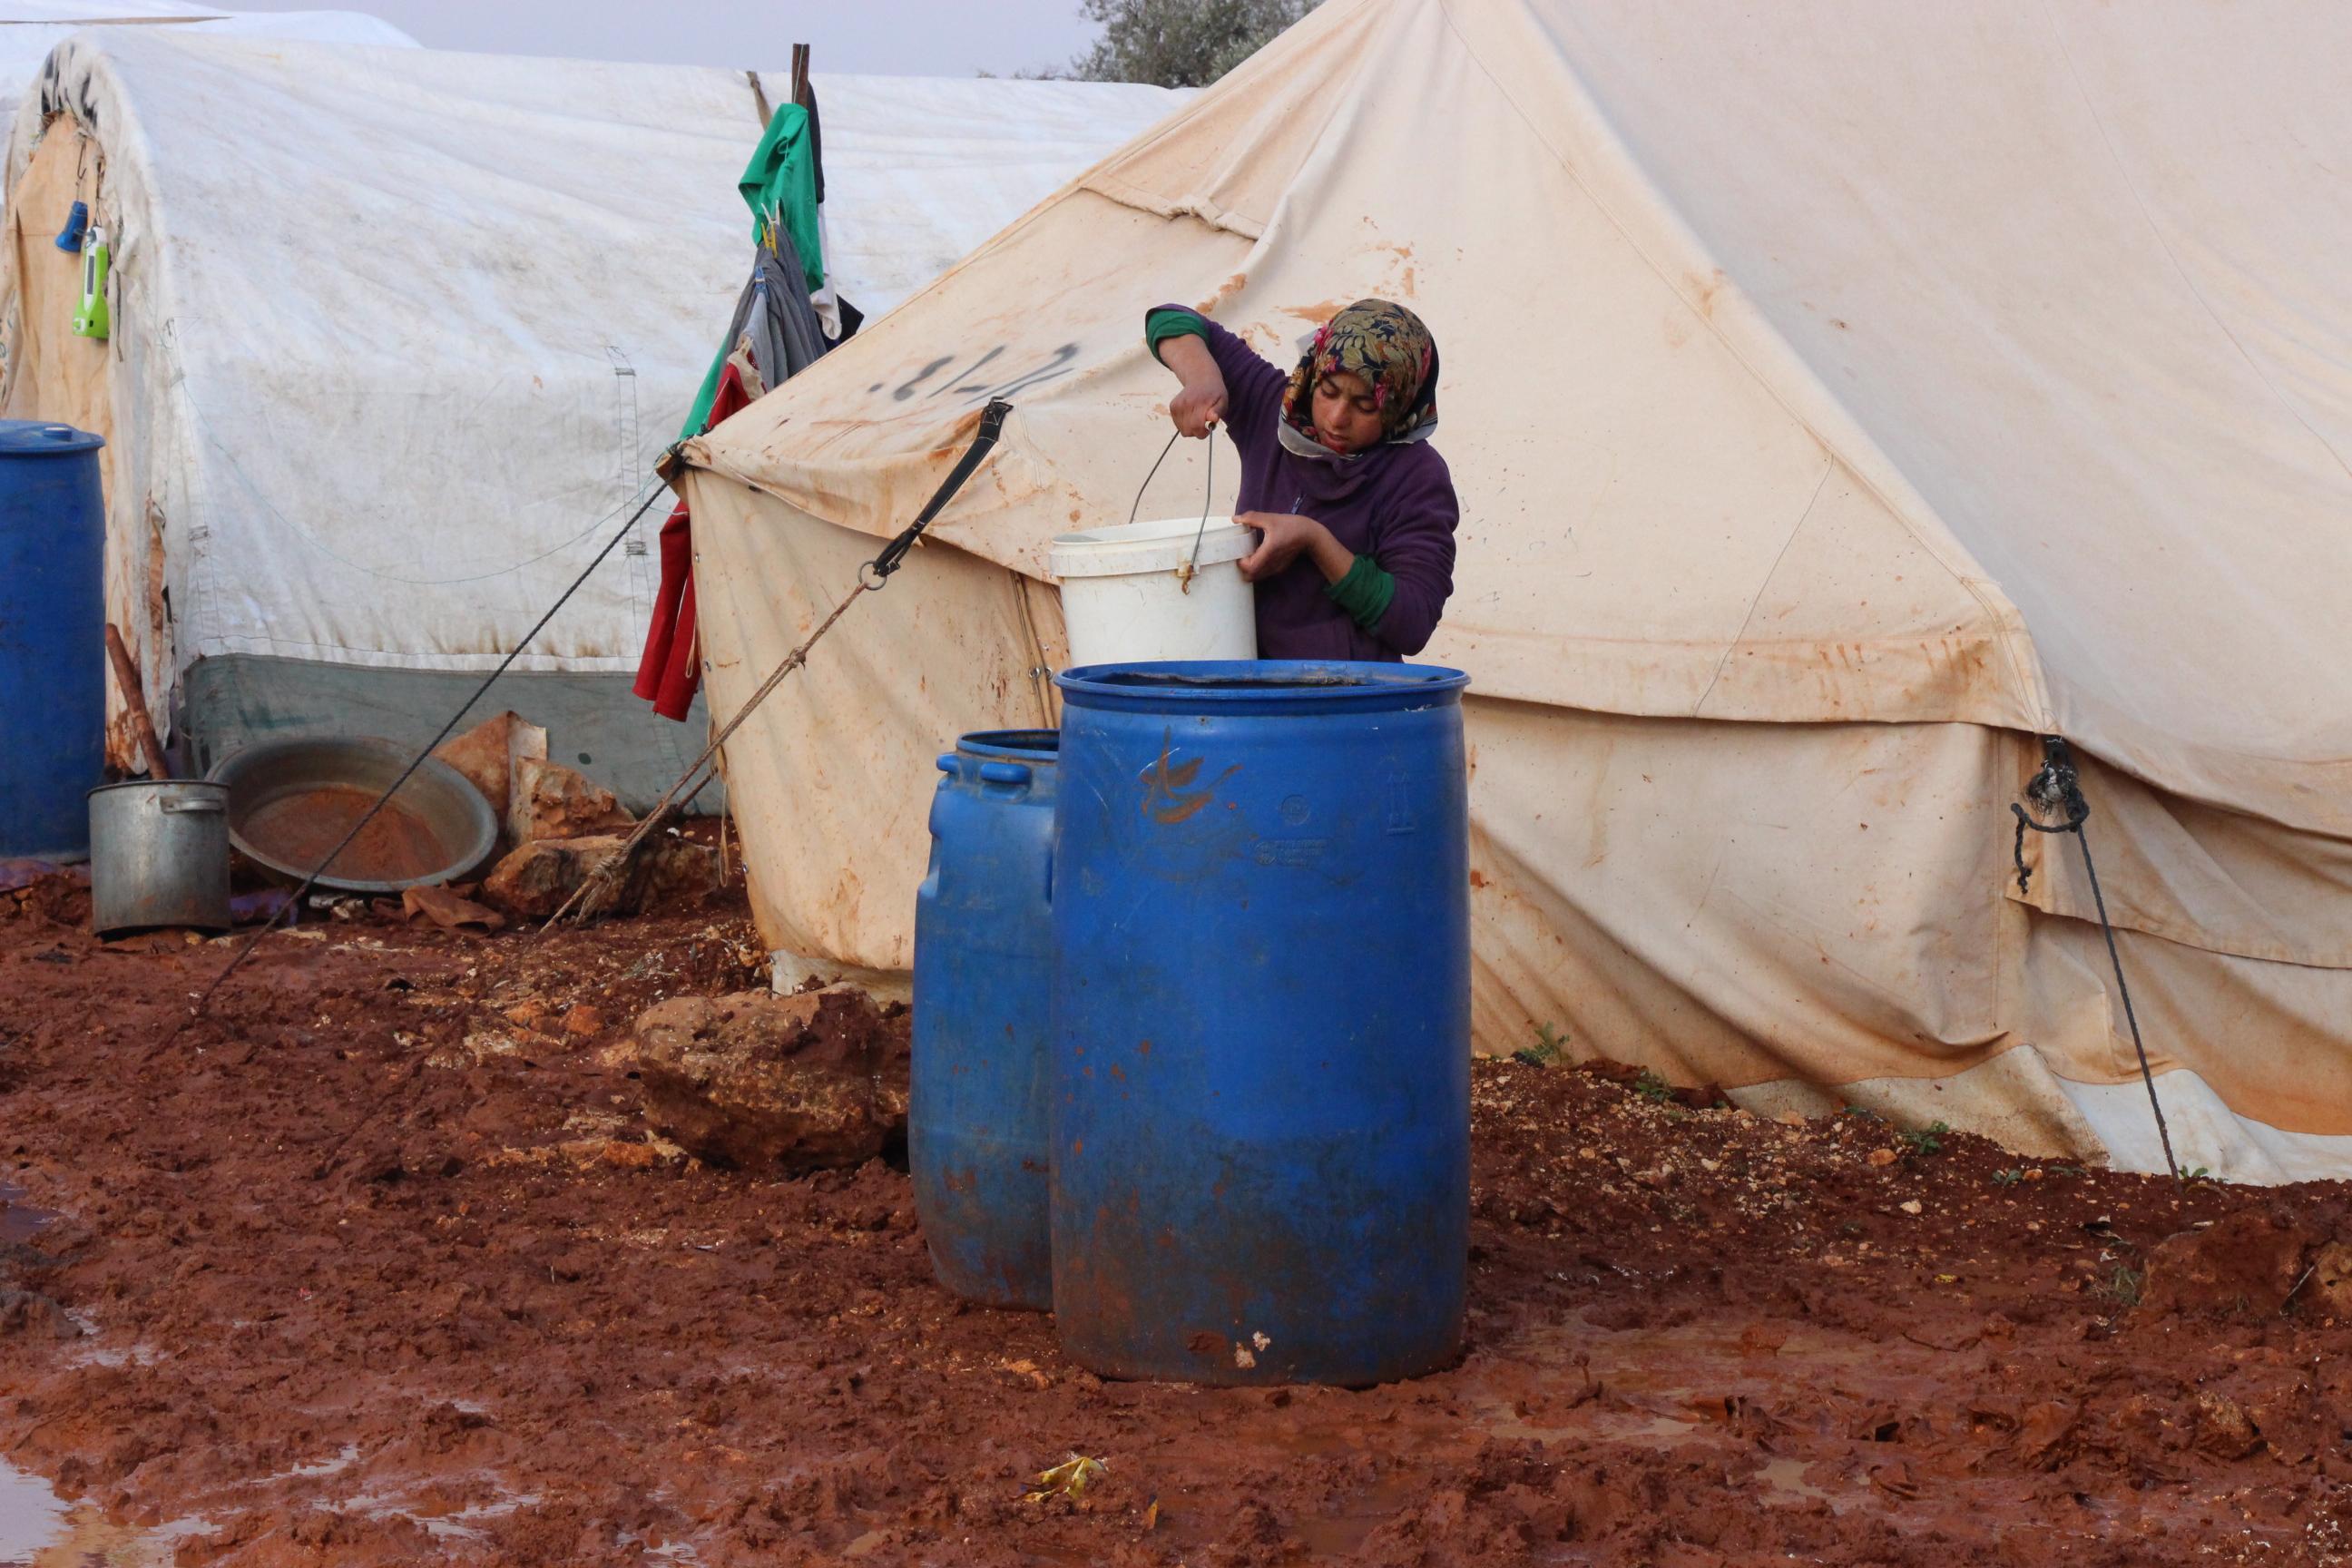 الأطفال أكثر المتأثرين بالحرب السورية – وضحة العثمان